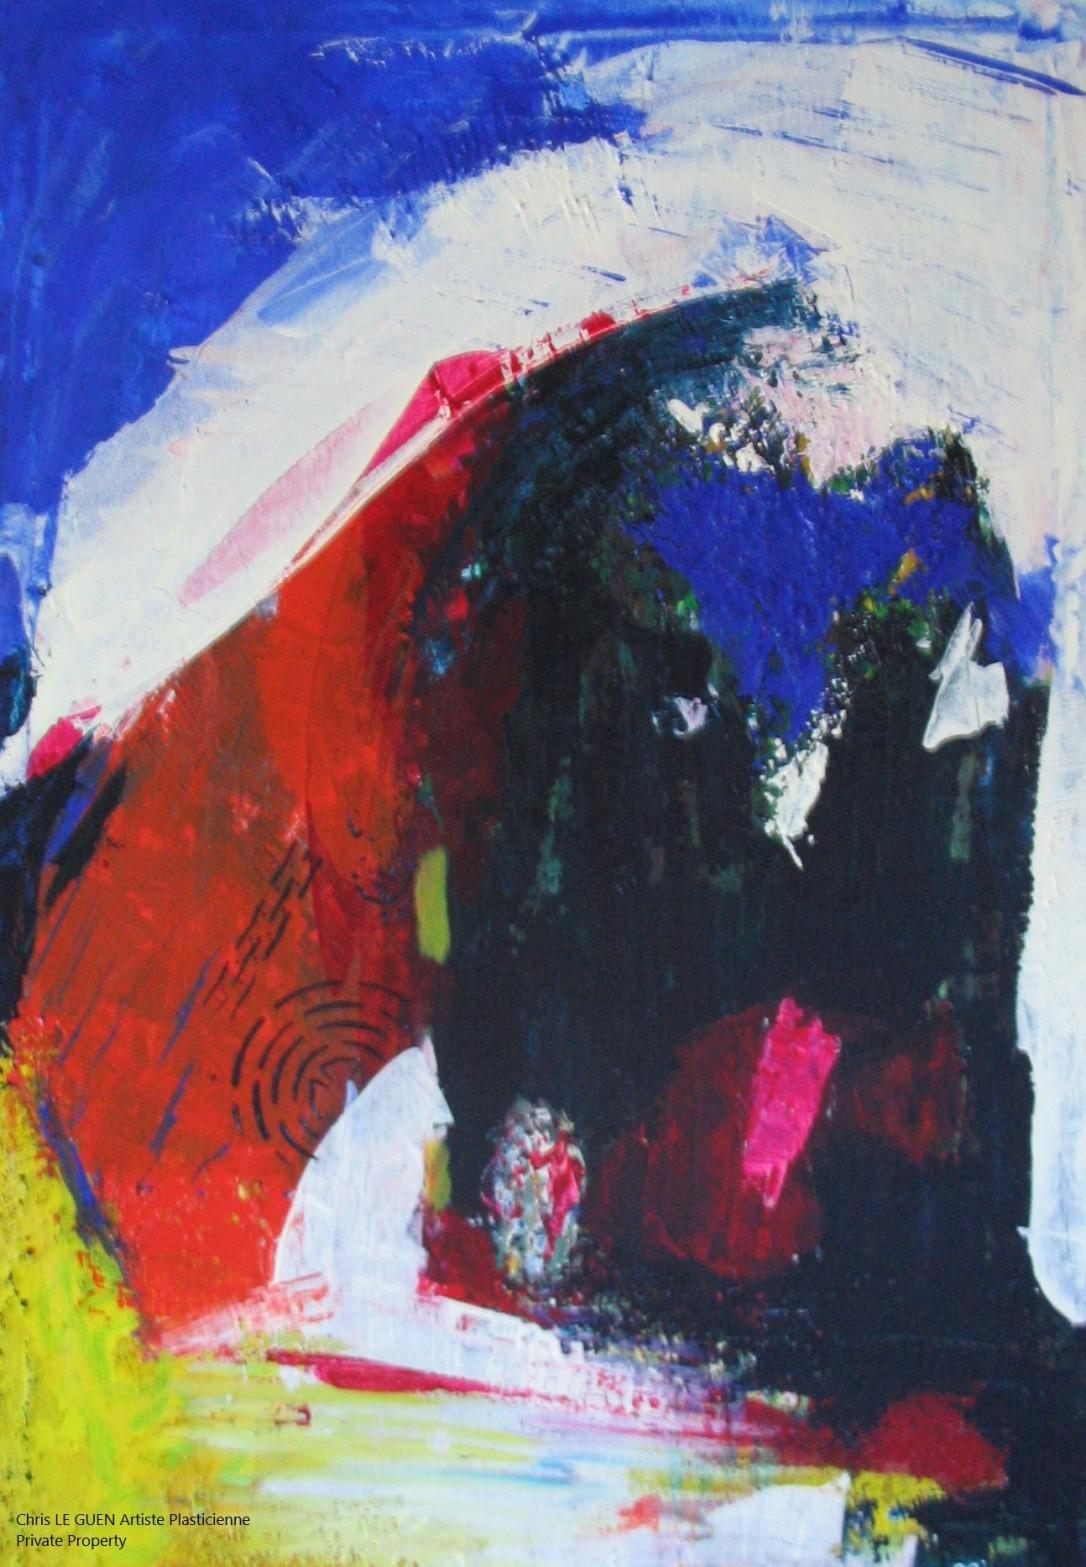 Chris Le Guen Artiste Plasticienne Peintre et Sculptrice créatrice de N°14